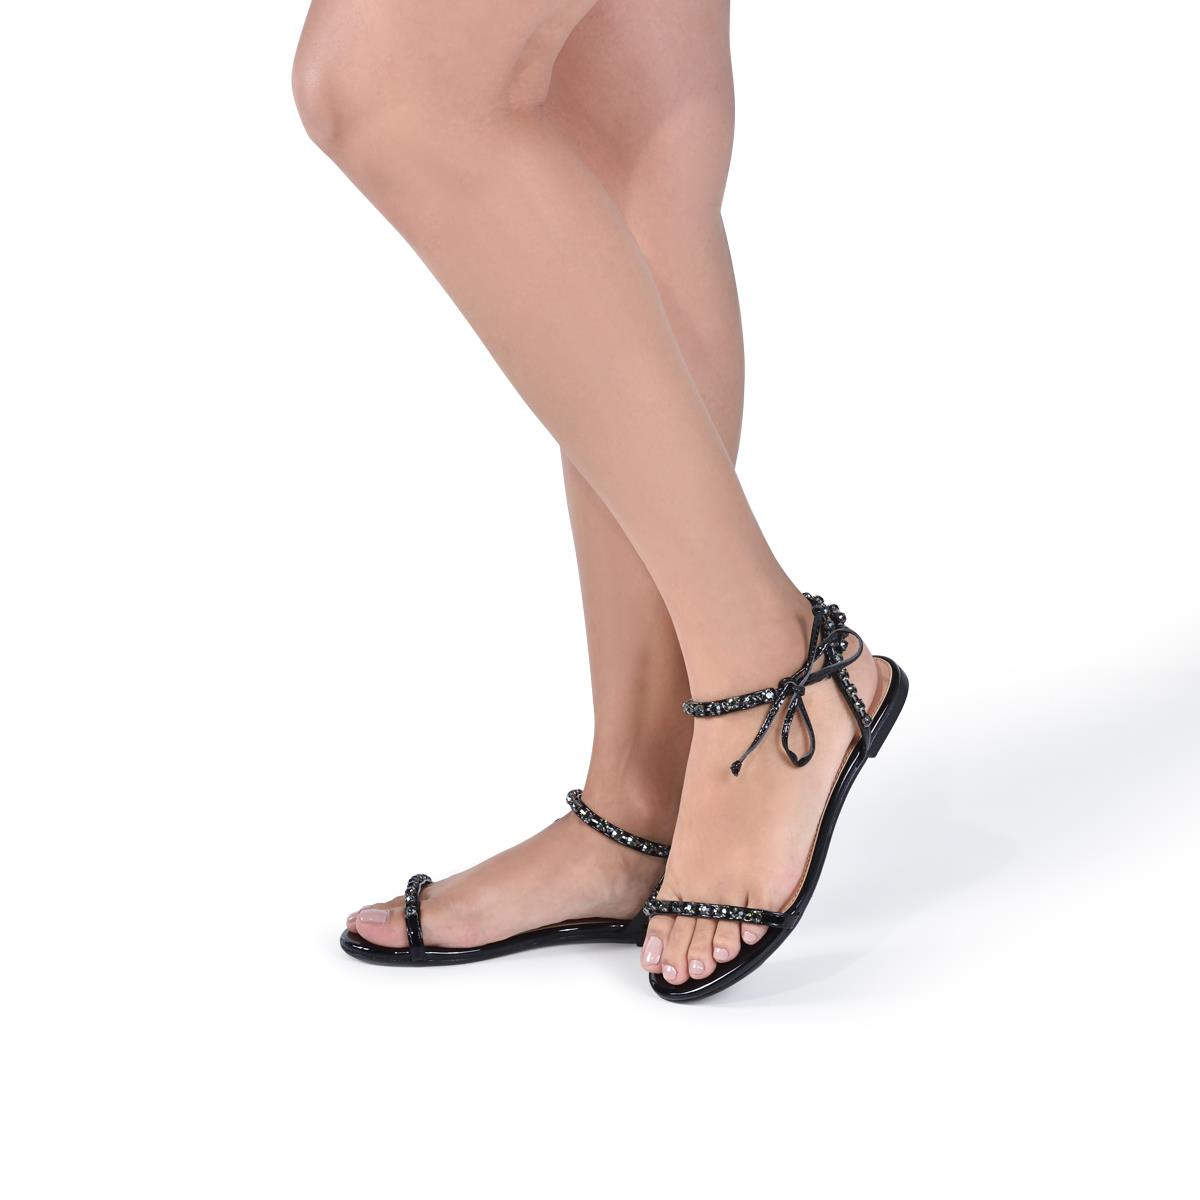 8bcb660c8 Sandália La Femme Elegance Amarração e Verniz Preto. Ampliar